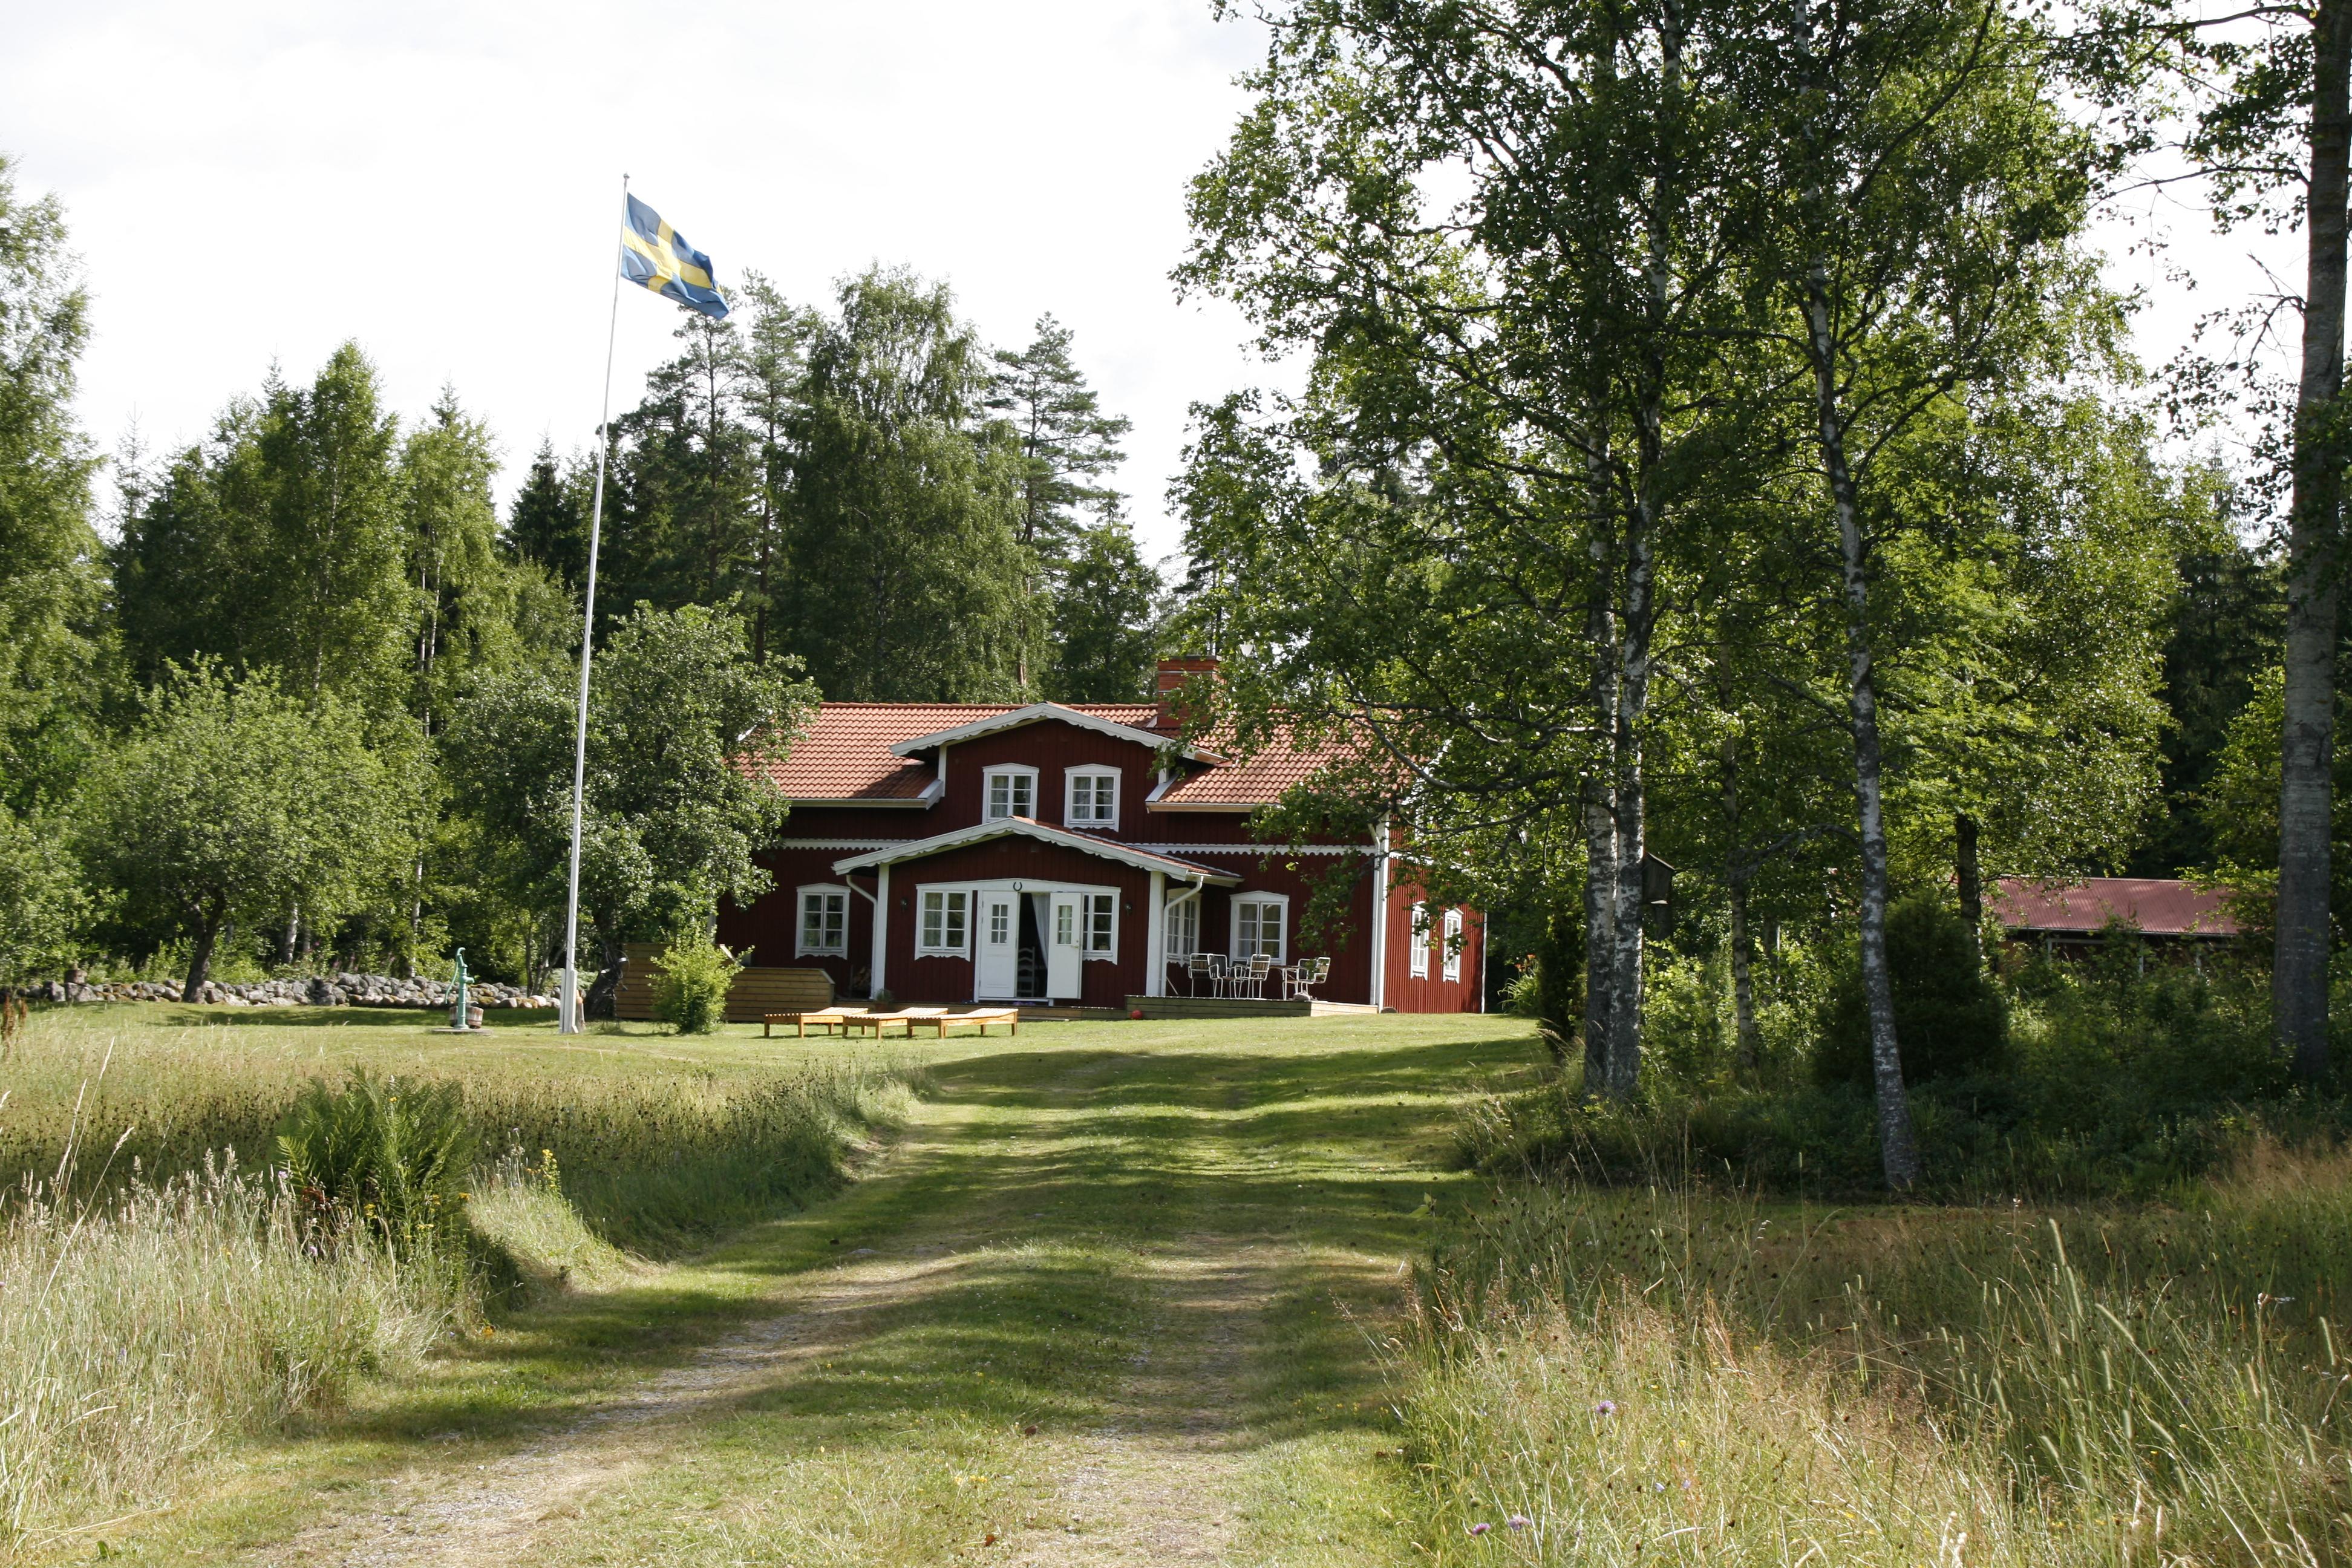 schweden traumhaftes traditionelles ferienhaus direkt am see incl boot in glauchau tiere. Black Bedroom Furniture Sets. Home Design Ideas